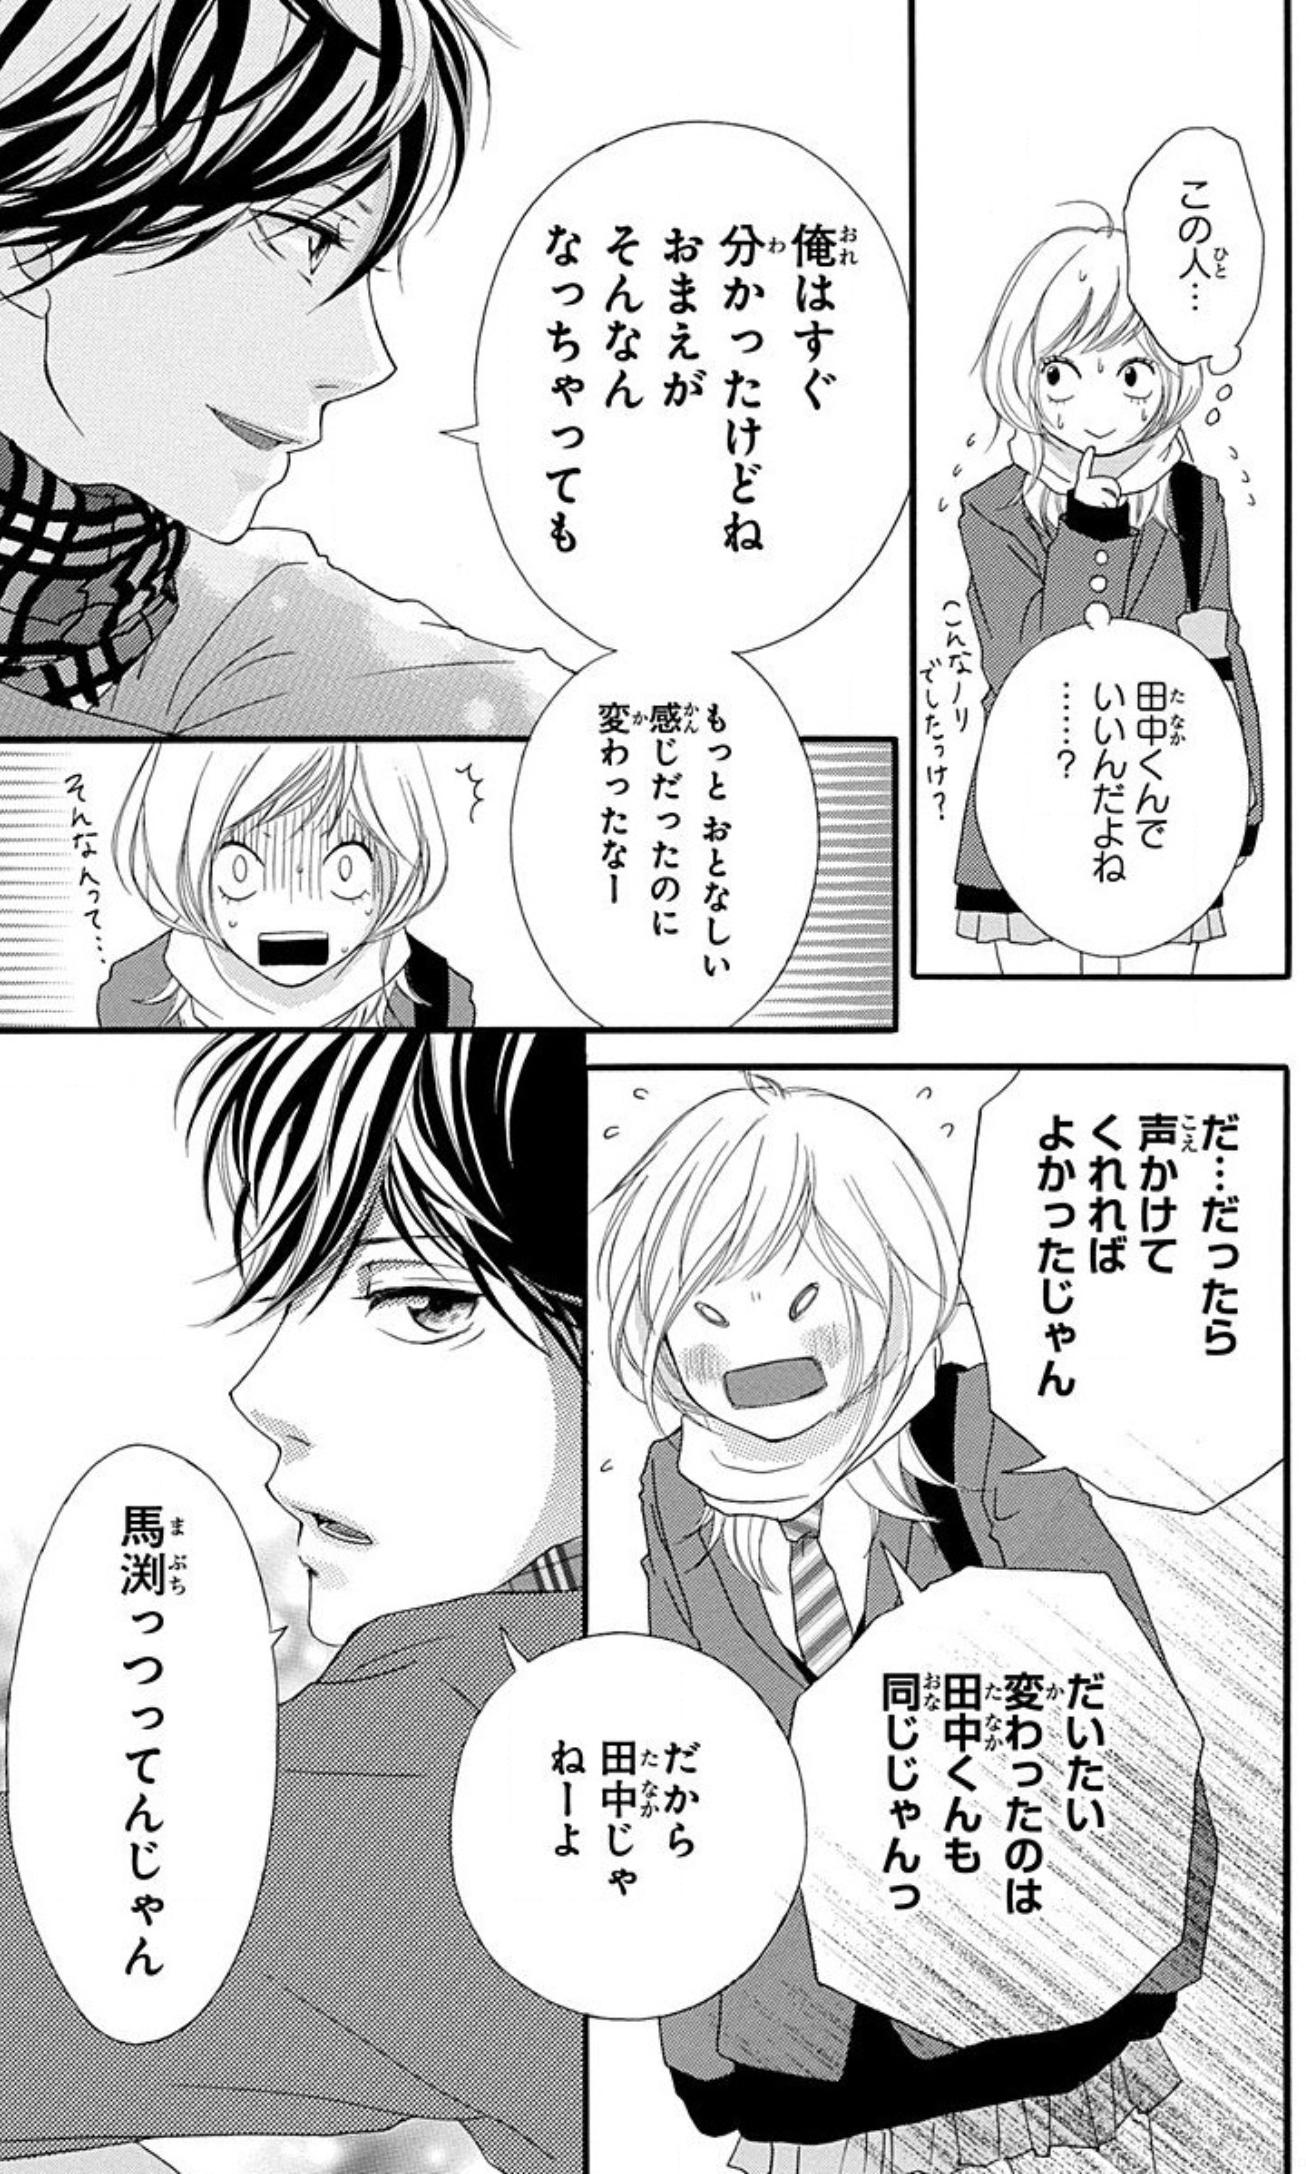 漫画『アオハライド』の見所をネタバレ紹介!変わってしまった初恋の人?